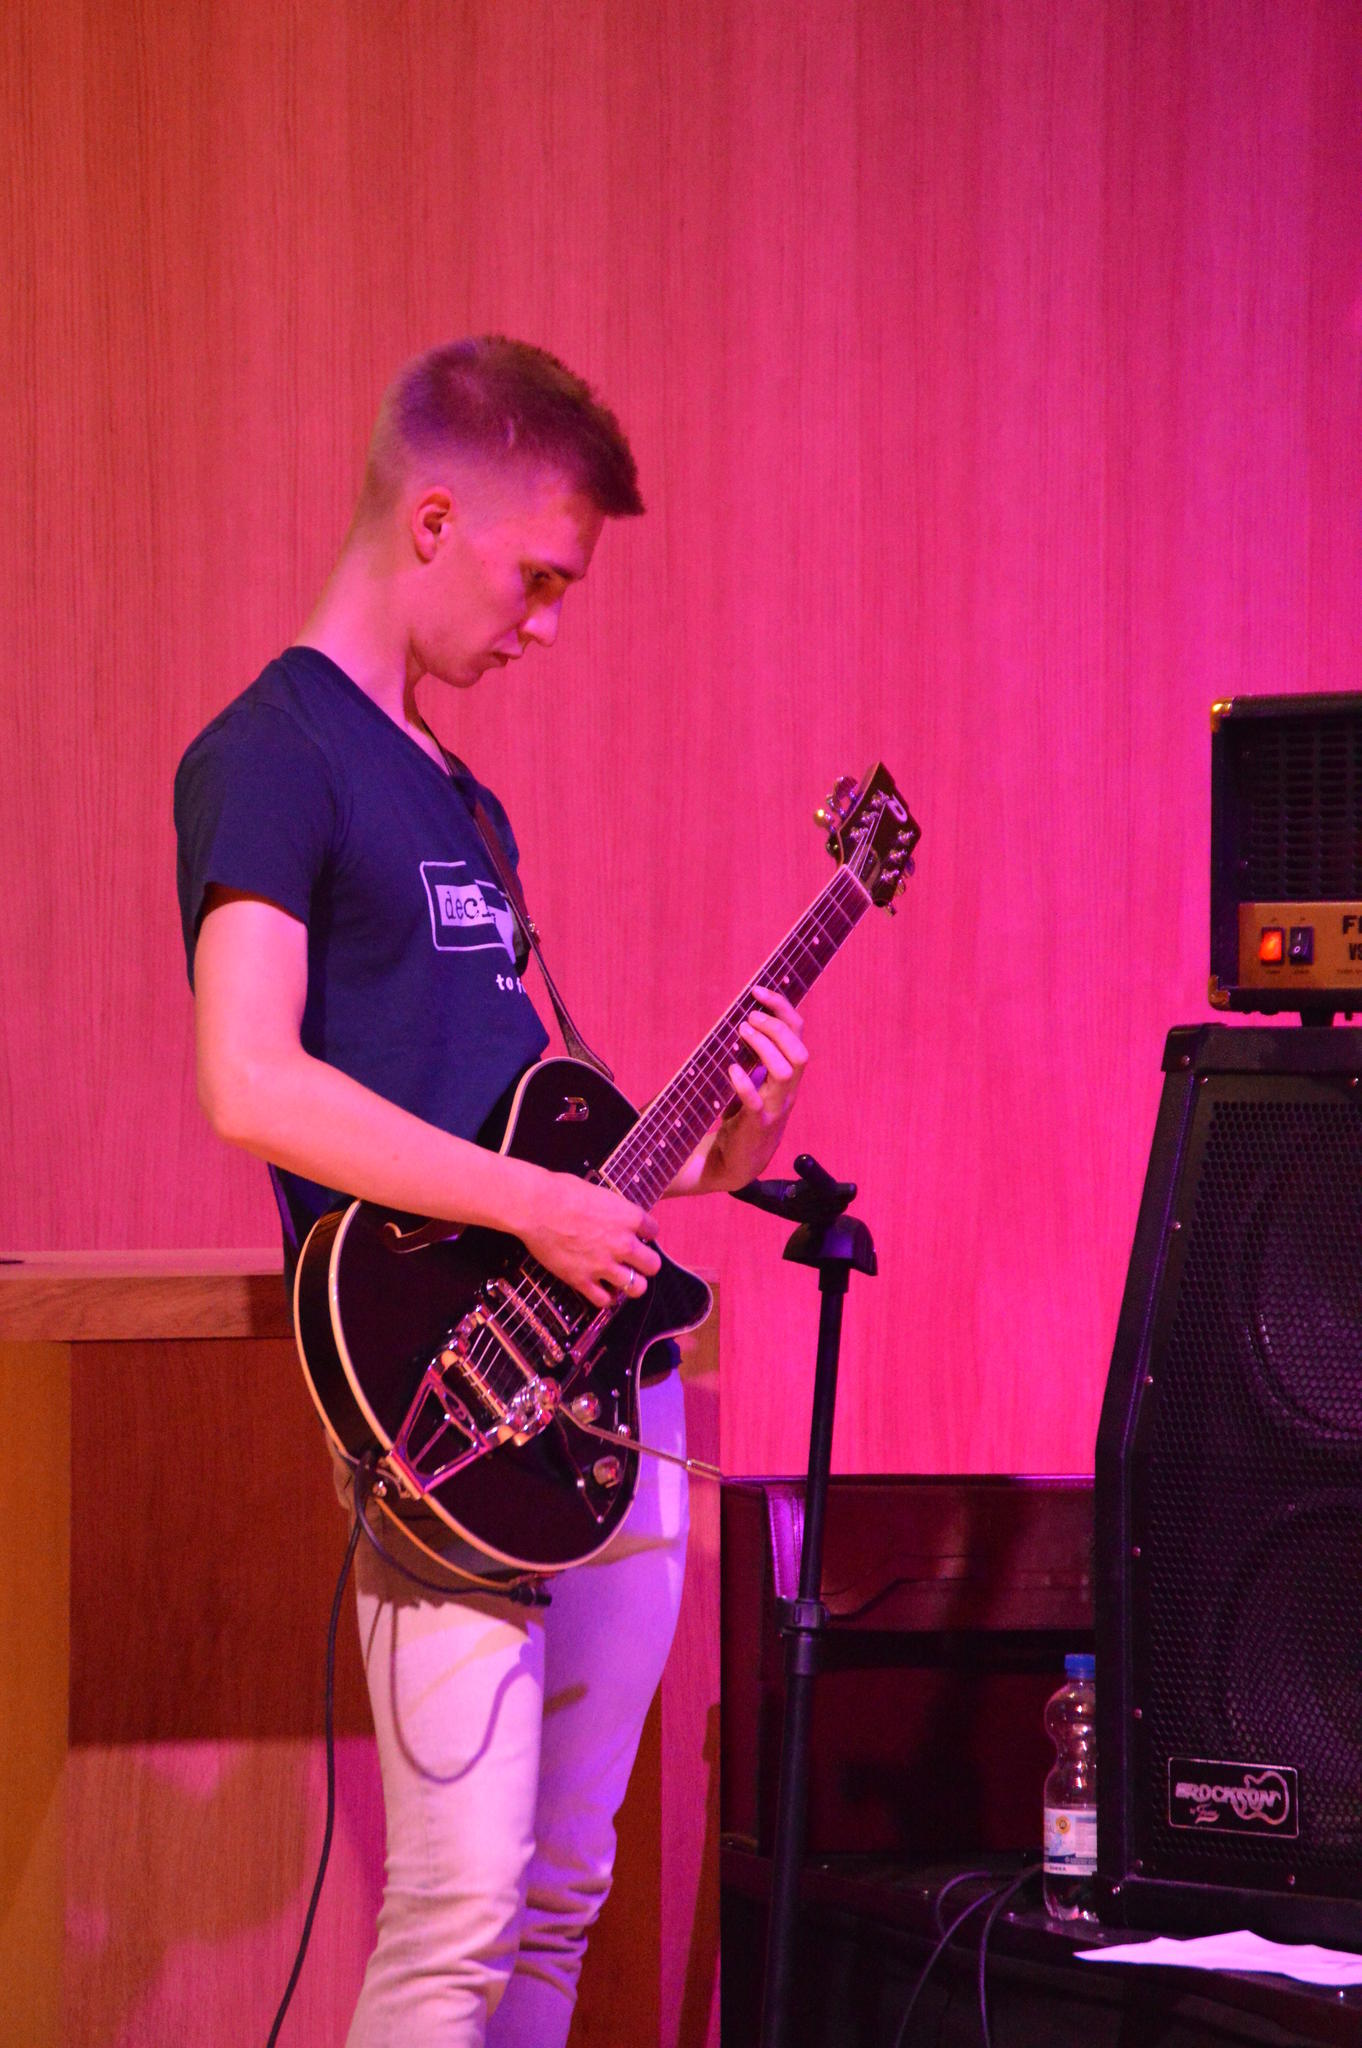 Der E-Gitarrist